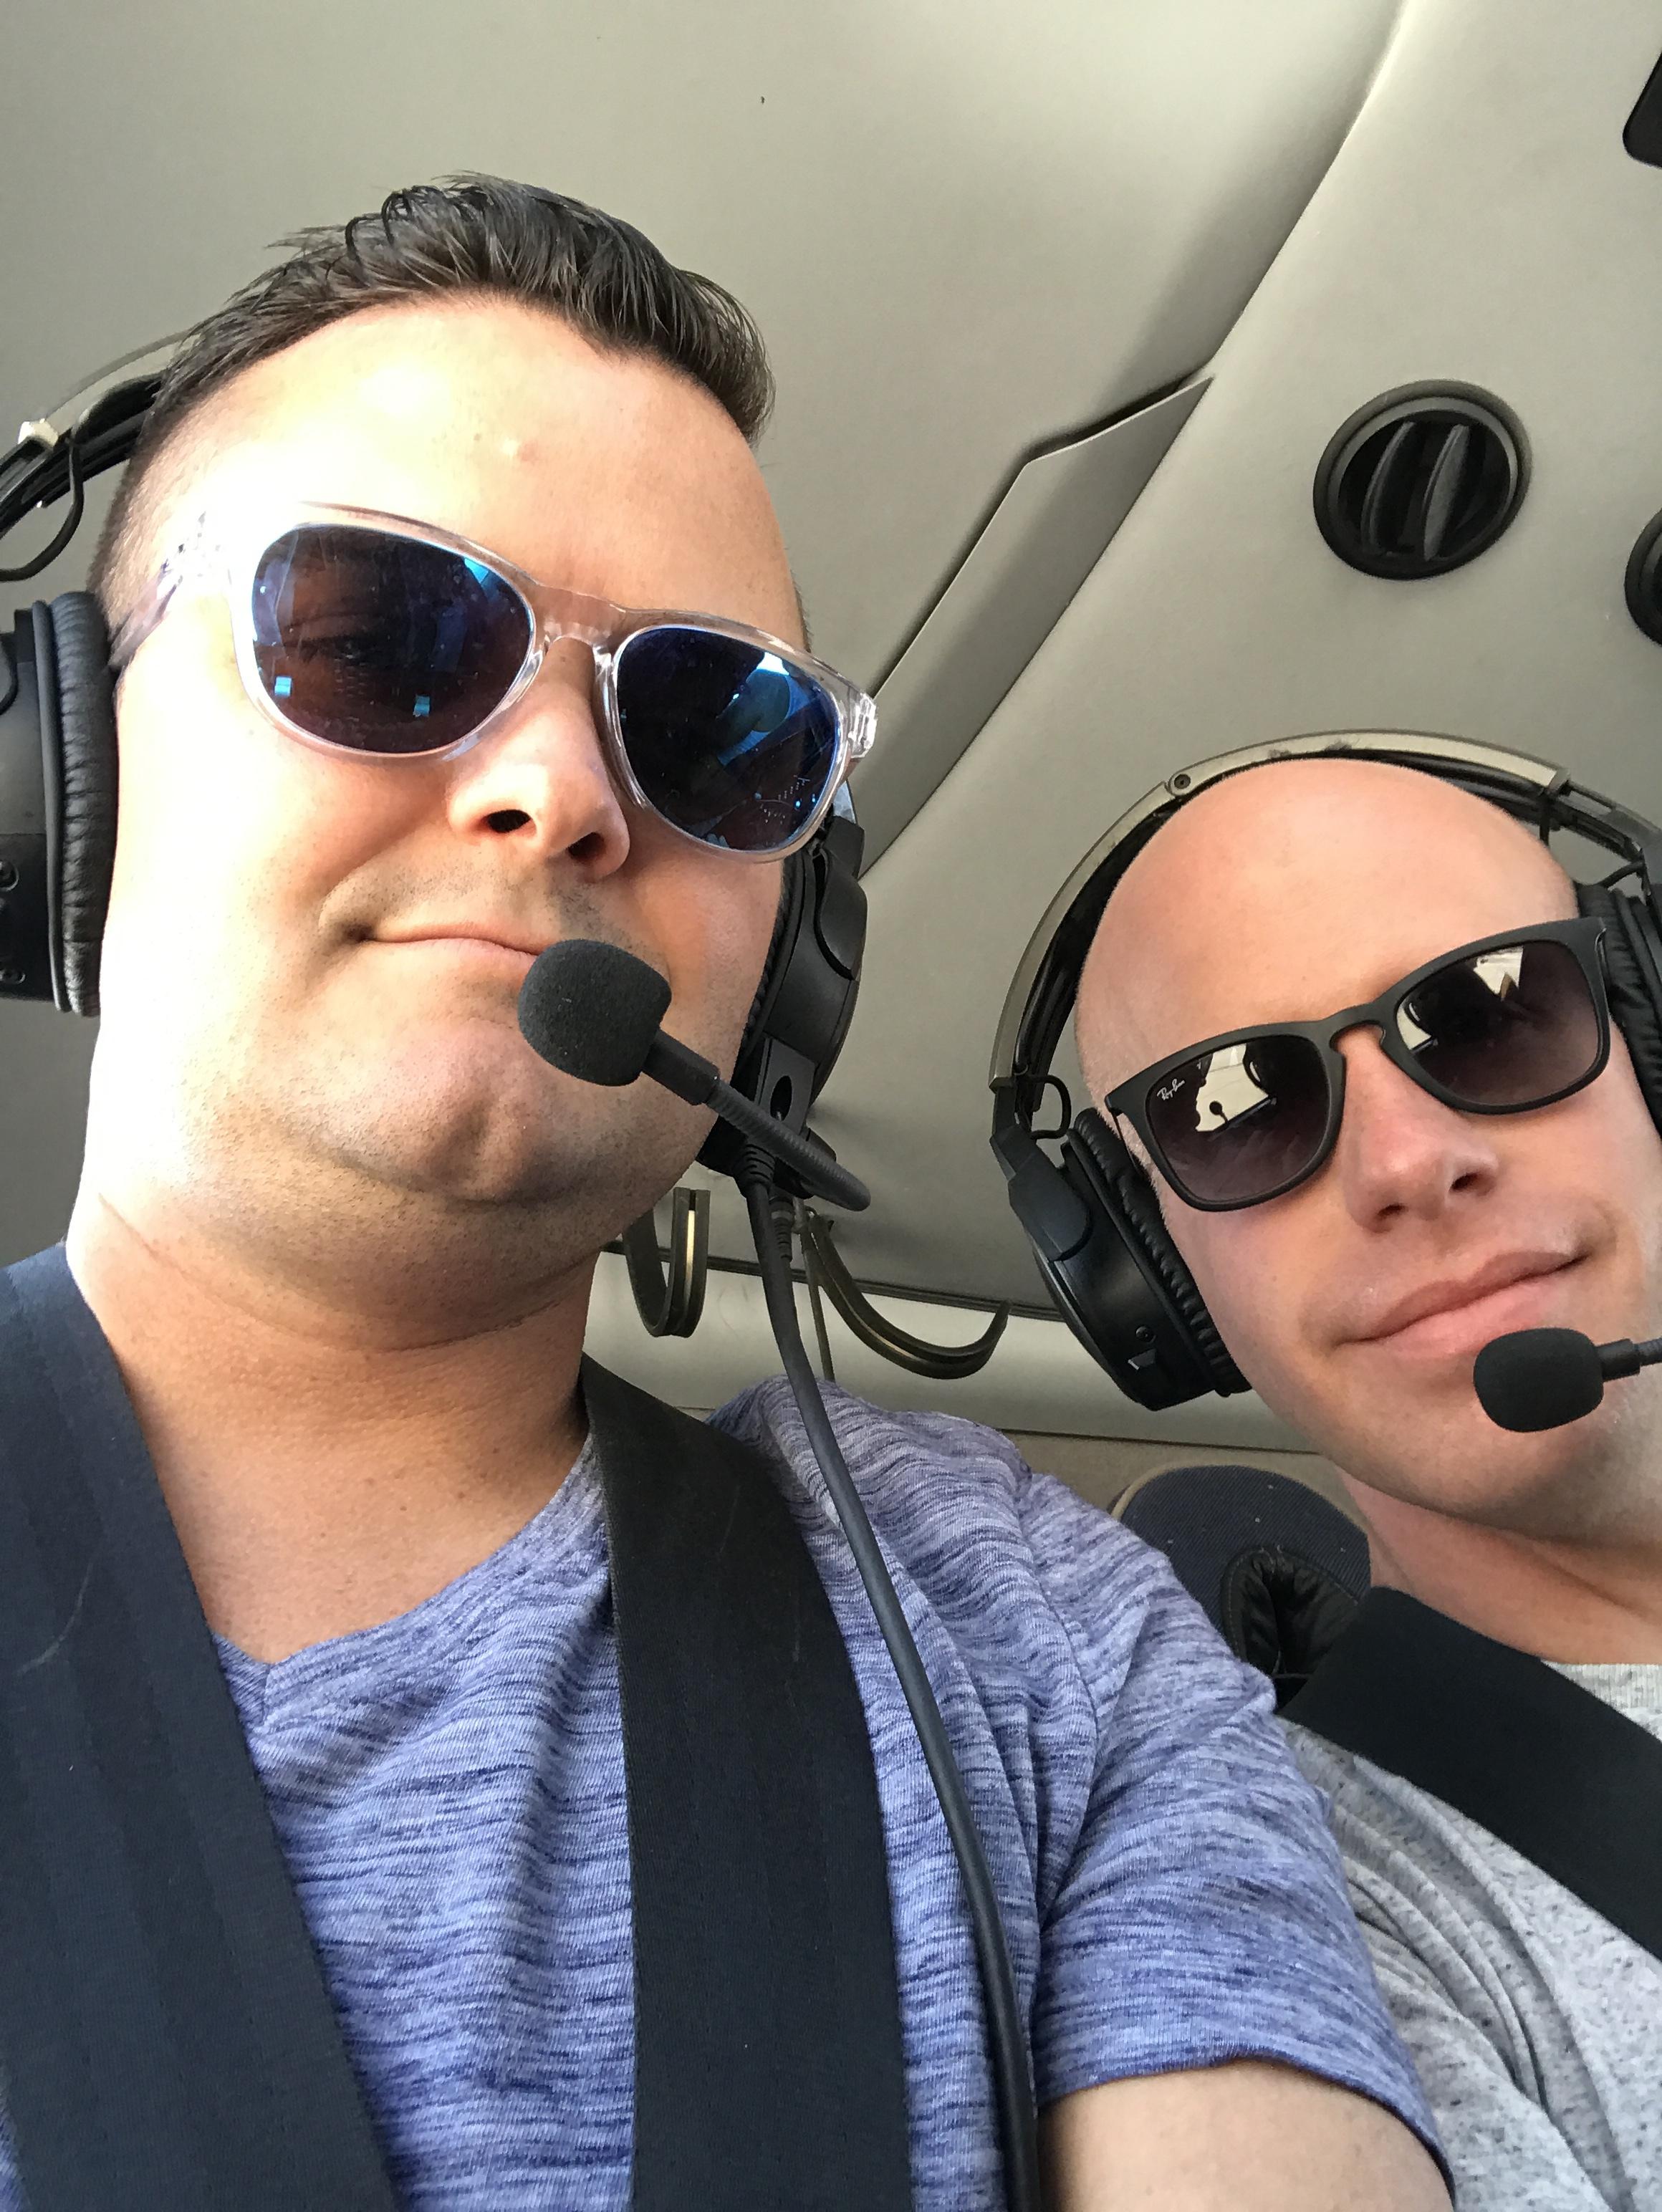 Flying high in a chopper